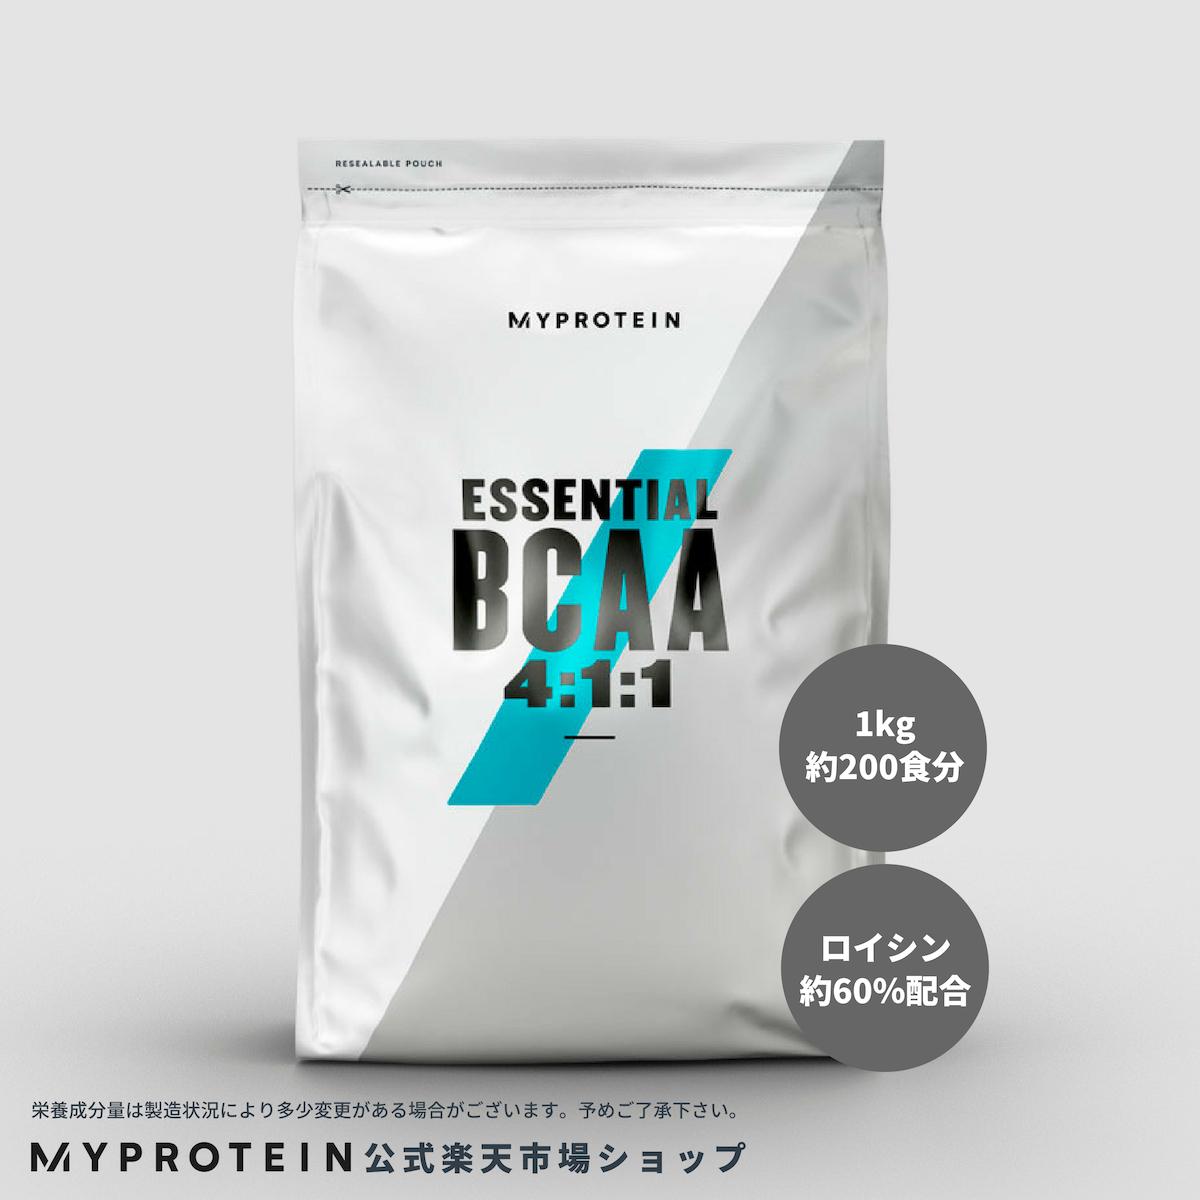 マイプロテイン 公式 【MyProtein】 BCAA 4:1:1 (分岐鎖アミノ酸) 1kg 約200食分【海外直送】